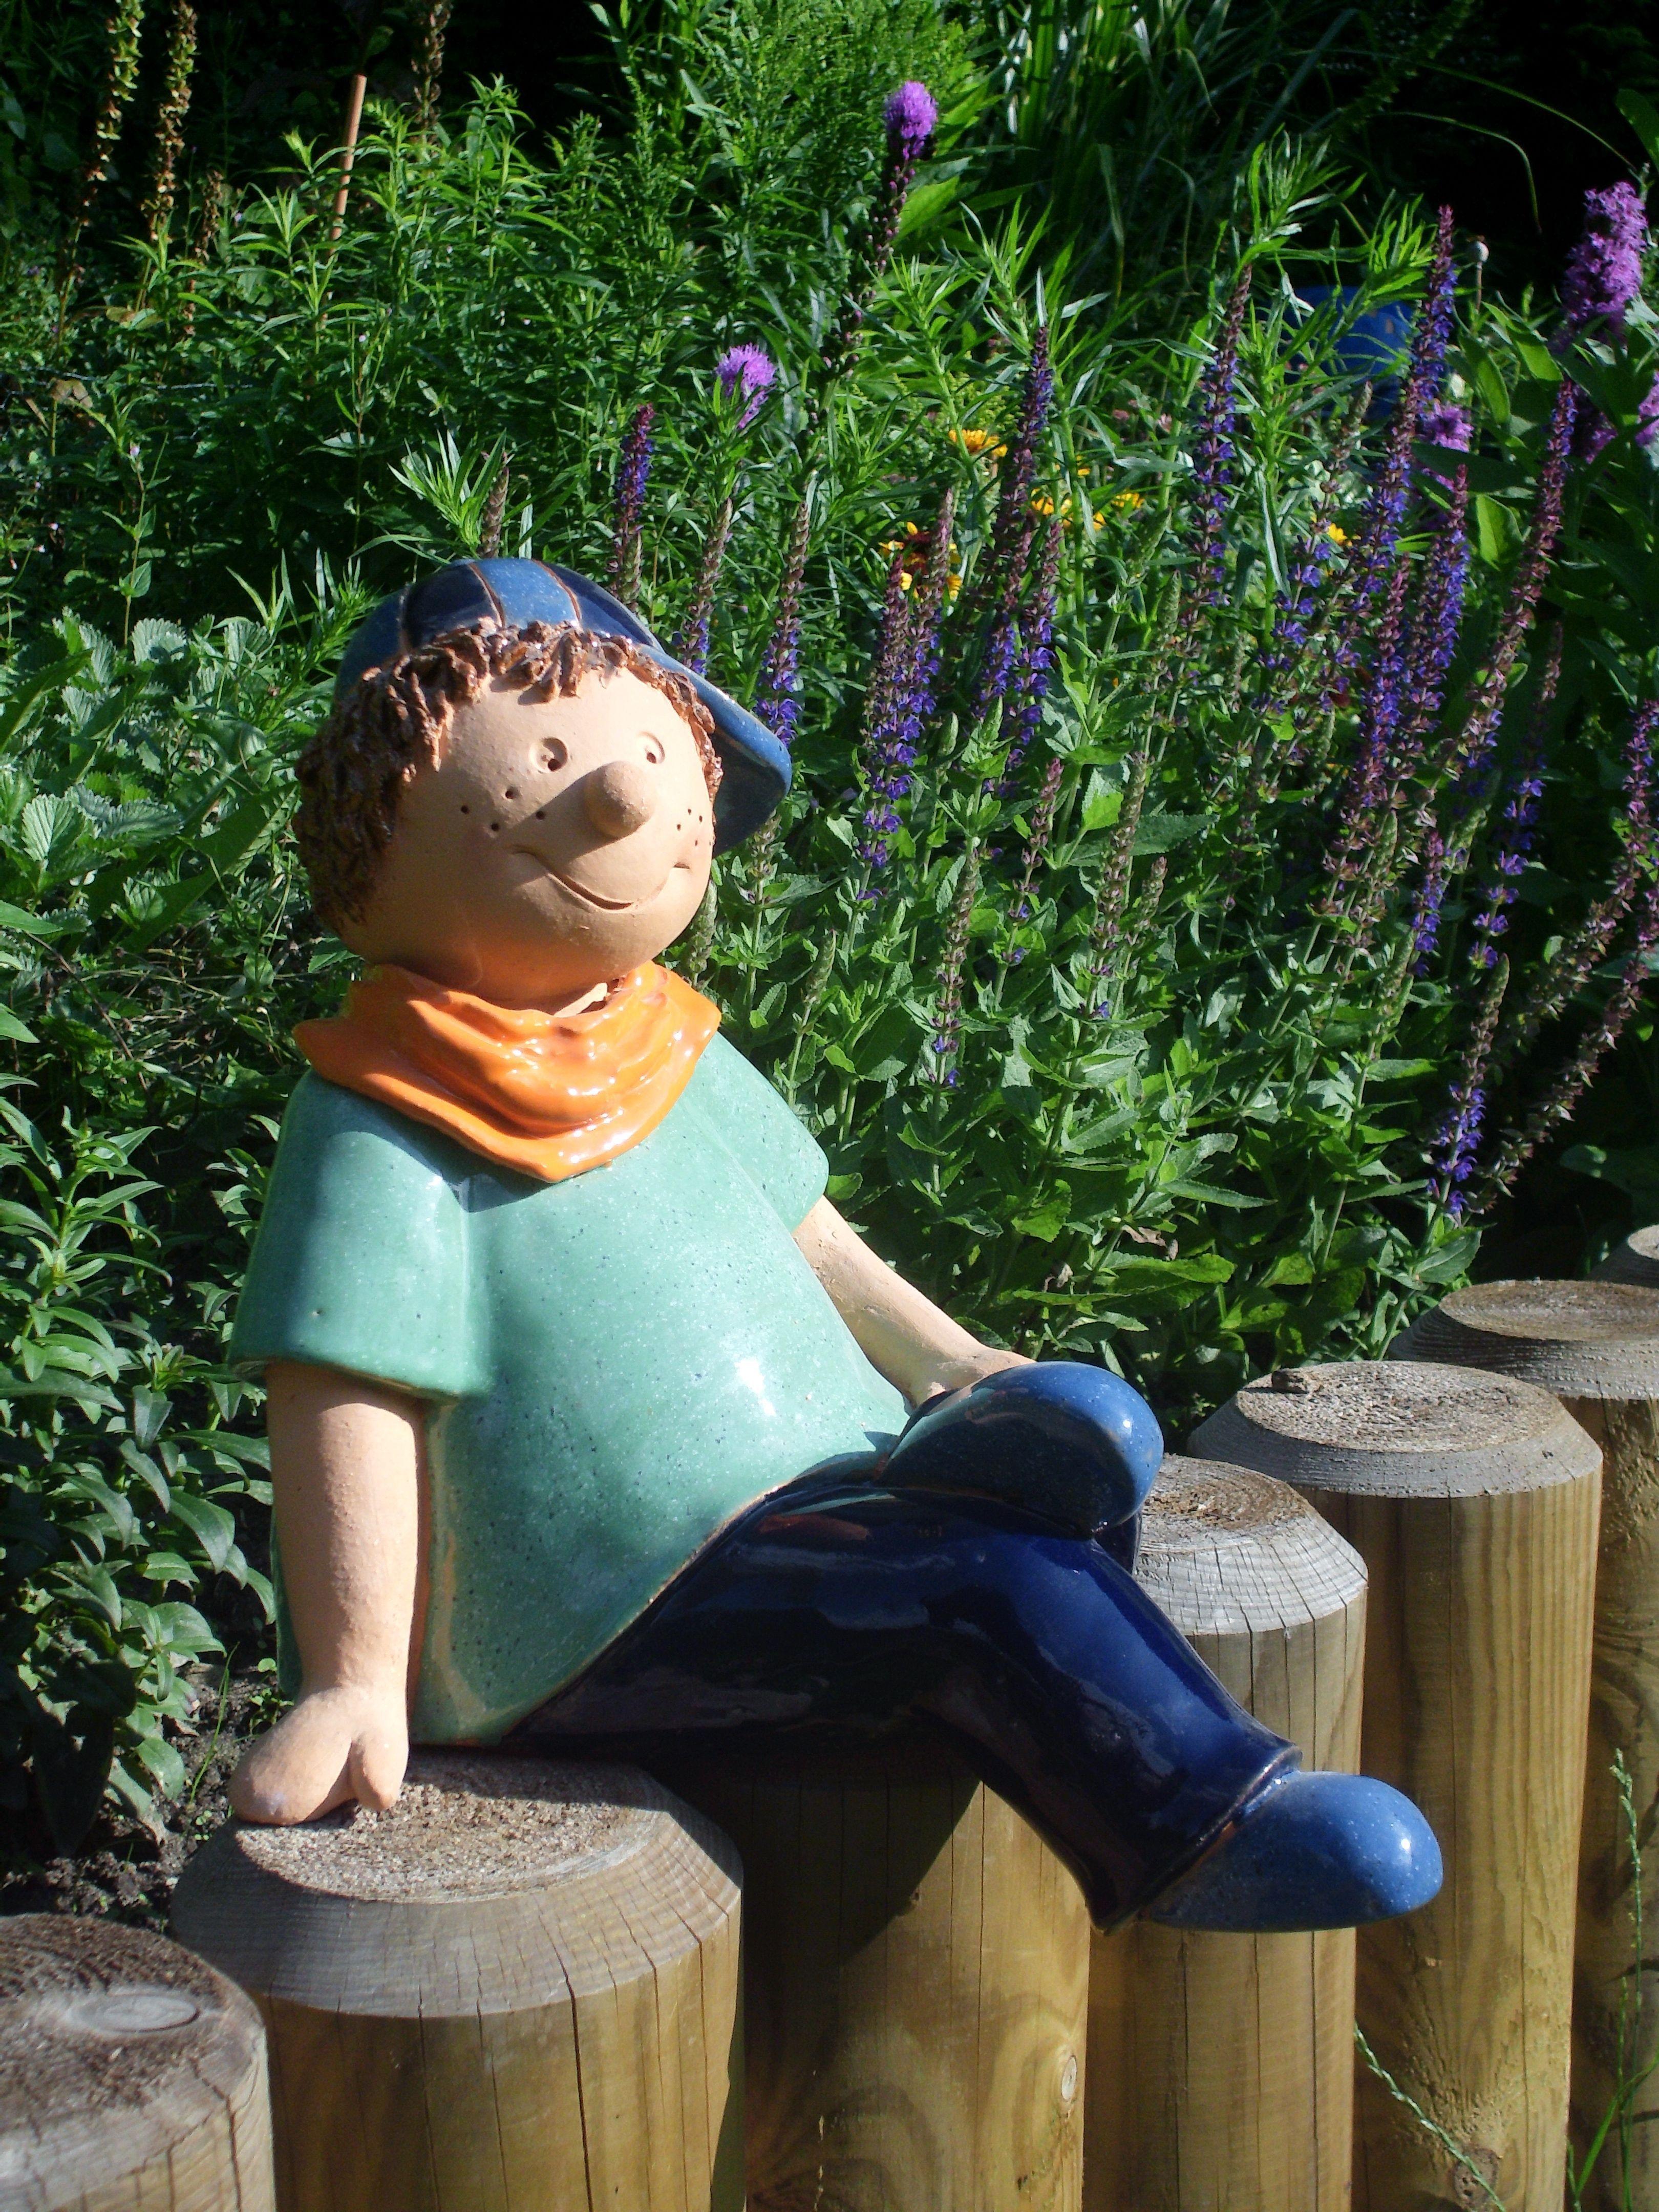 Gartenkeramik Gartendeko Keramik Garten Figurkeramik Figur Gartenkeramik Gartendeko Garten Garden Art Sculptures Ceramic Painting Ceramic Sculpture